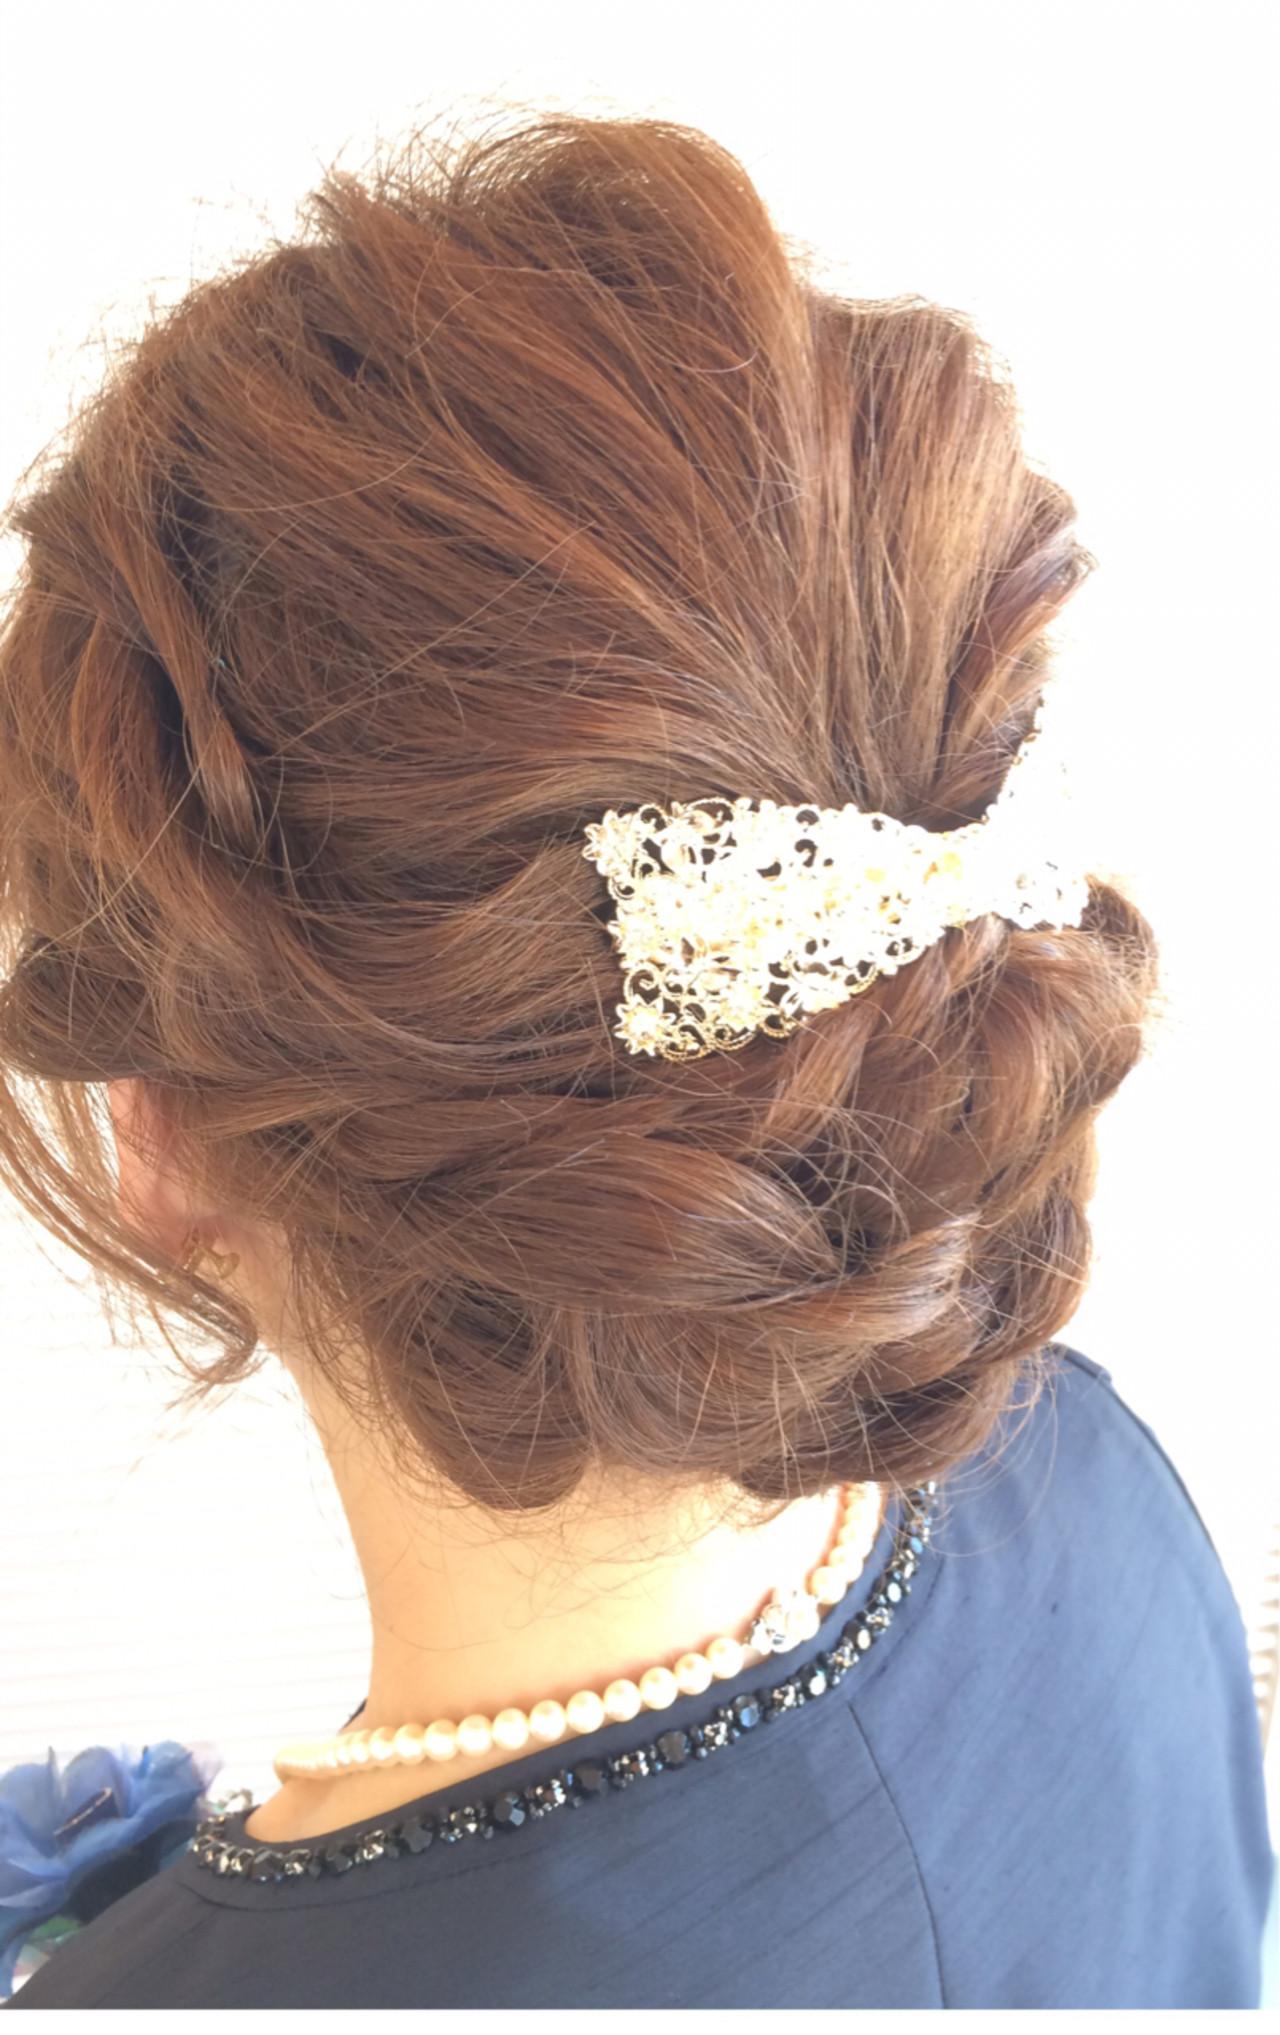 ミディアム 大人女子 ヘアアレンジ エレガント ヘアスタイルや髪型の写真・画像